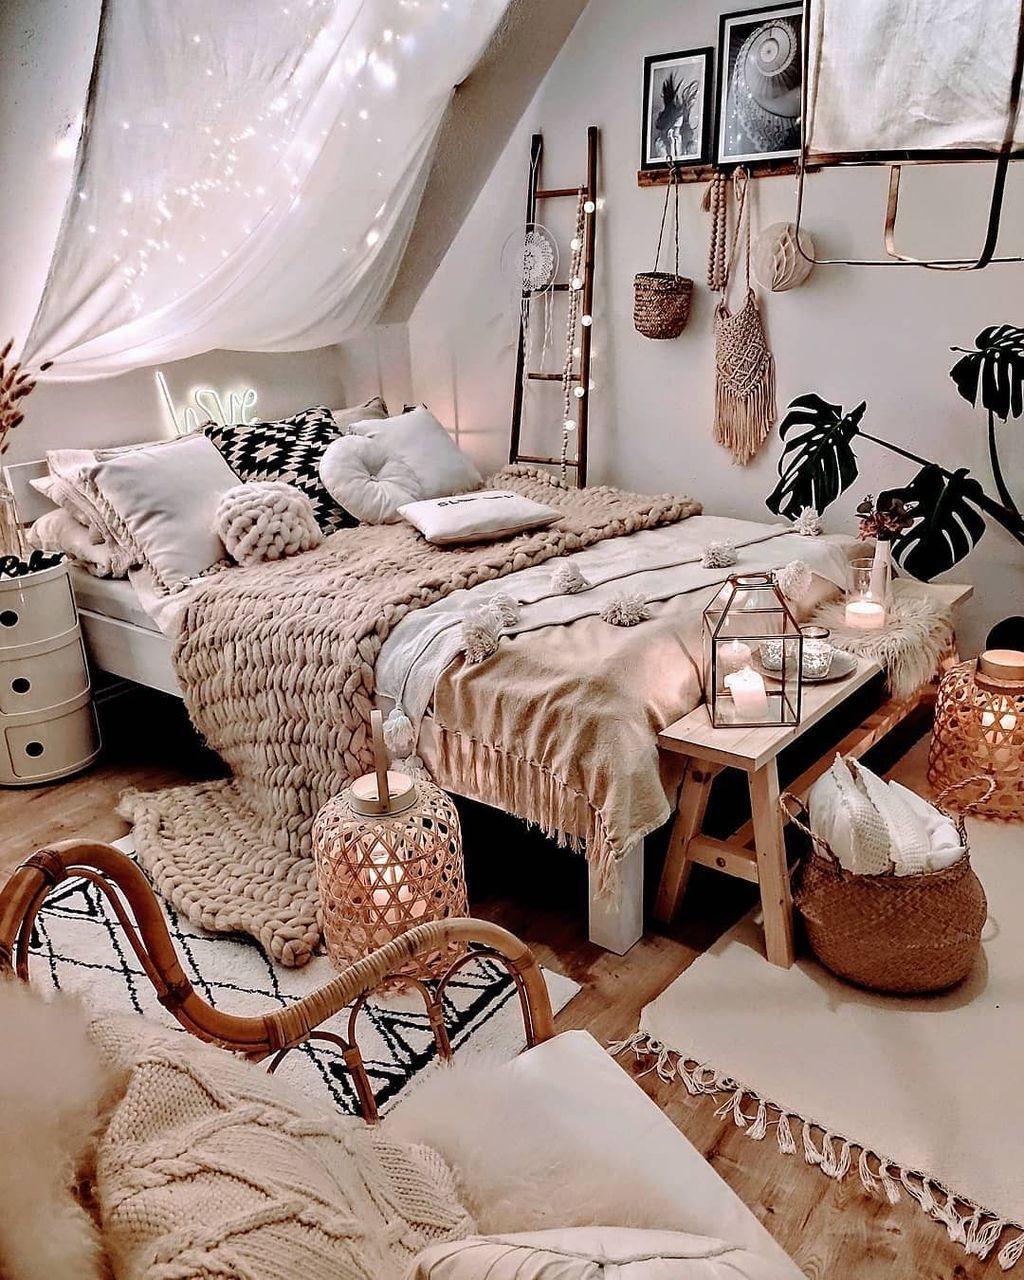 38 Herrliche Bohemian Schlafzimmer-Dekor-Ideen